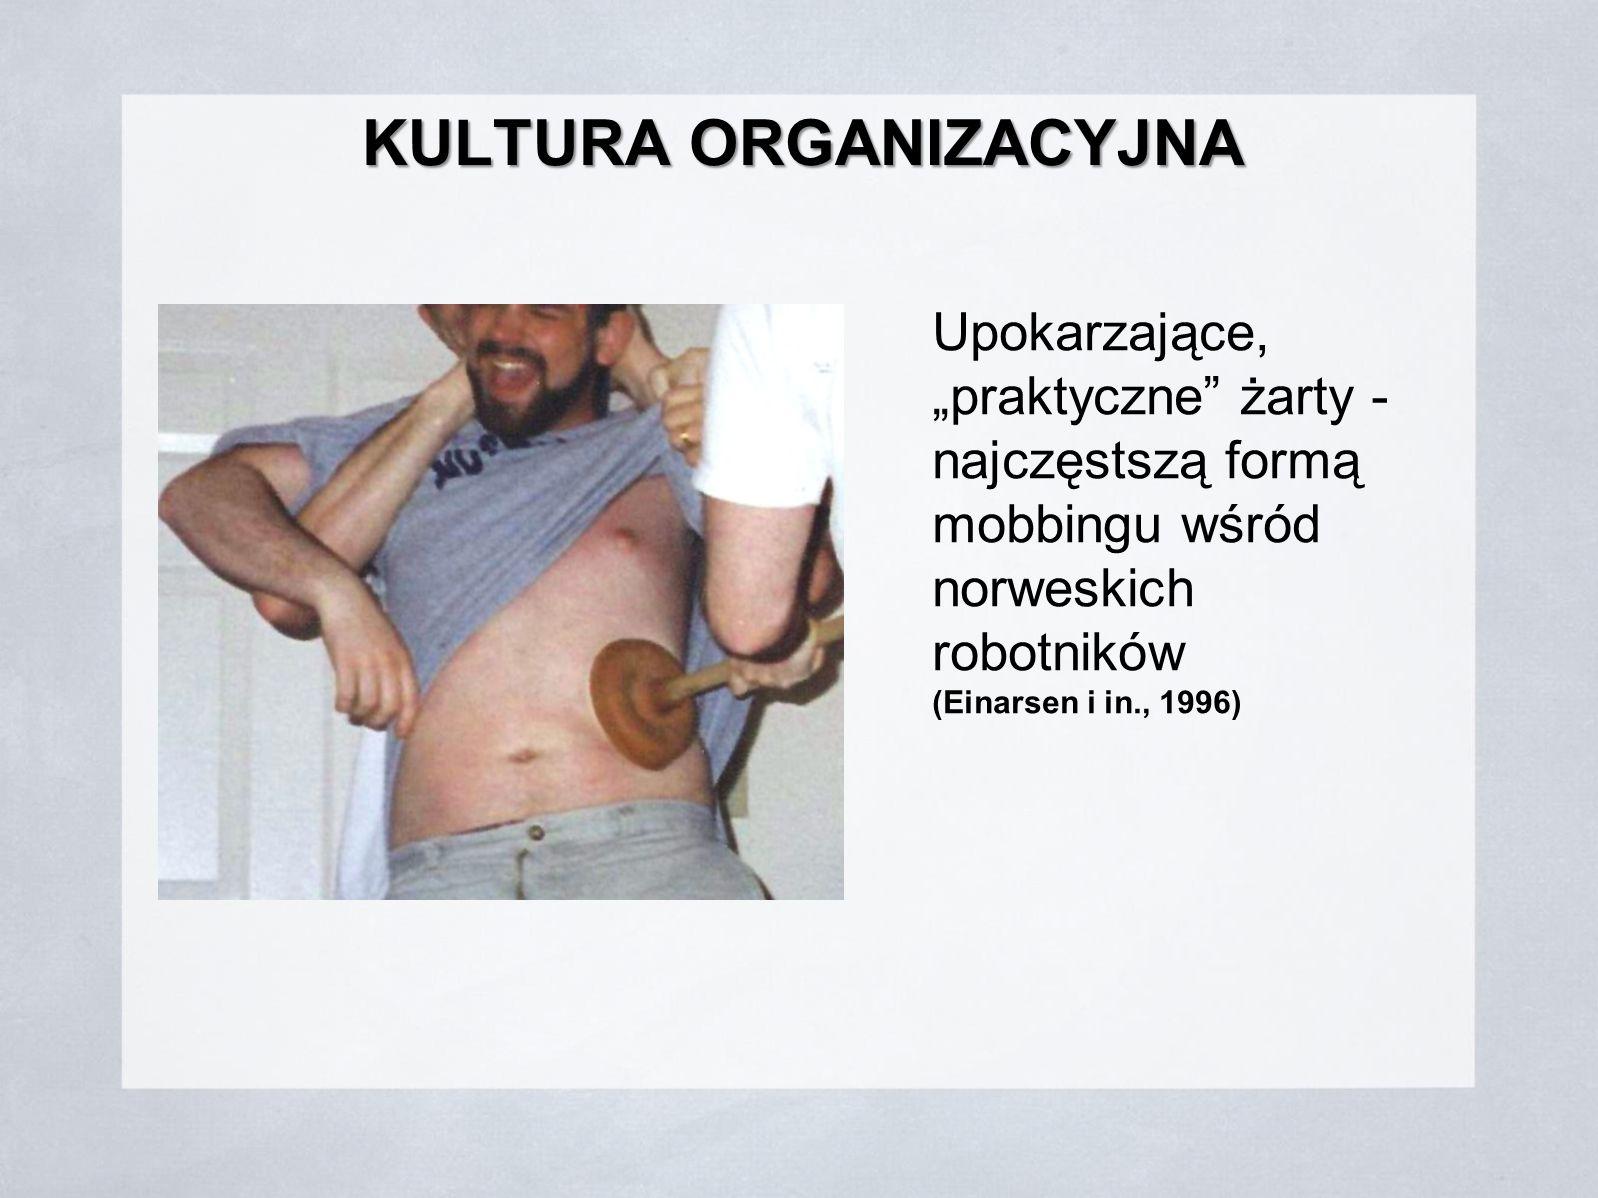 """KULTURA ORGANIZACYJNA Upokarzające, """"praktyczne"""" żarty - najczęstszą formą mobbingu wśród norweskich robotników (Einarsen i in., 1996)"""